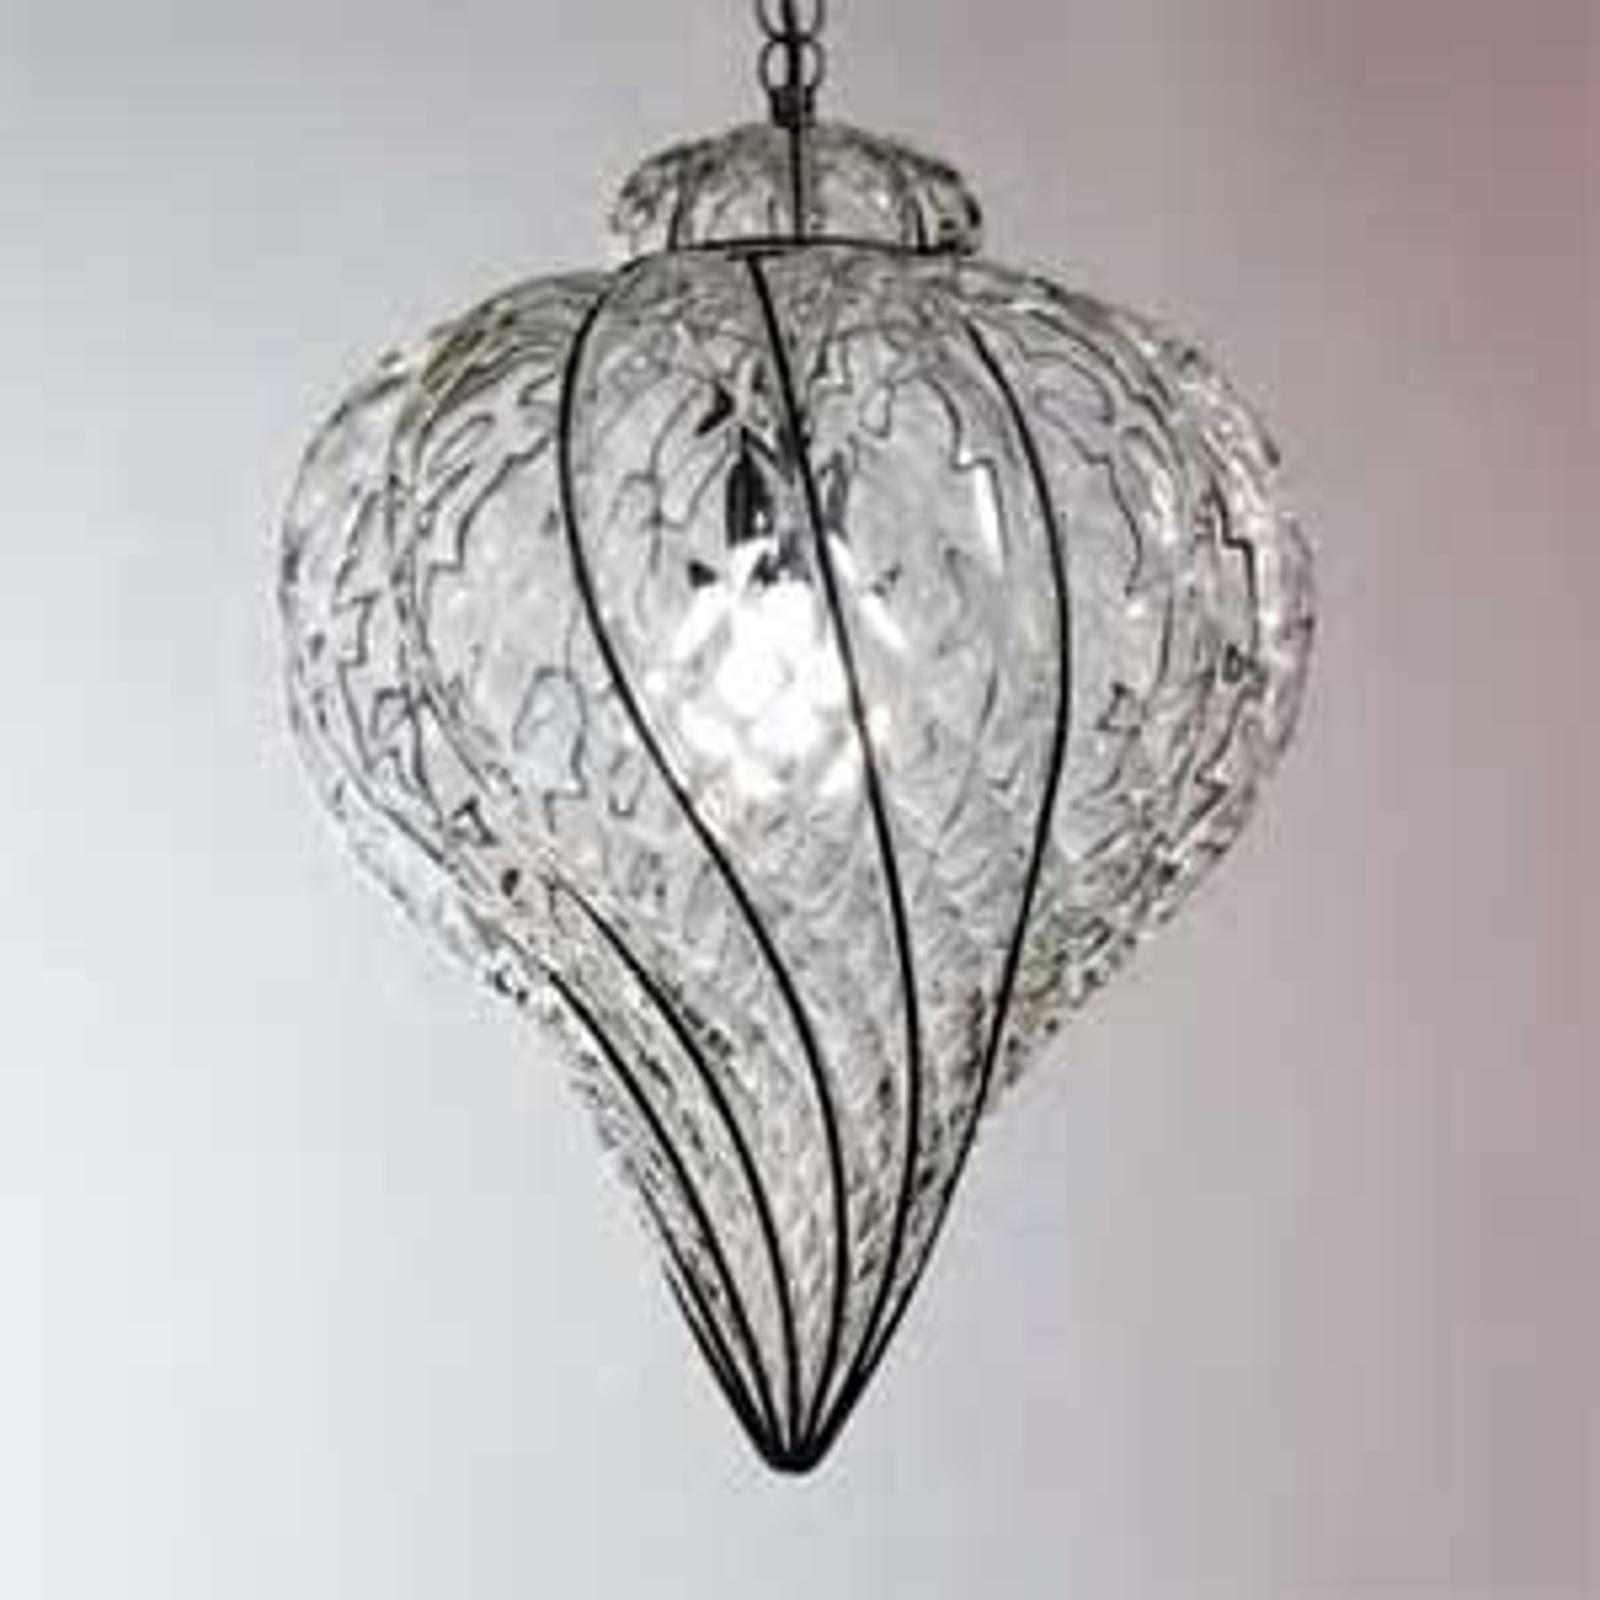 Lampa wisząca GOCCIA ze szkła dmuchanego 49 cm